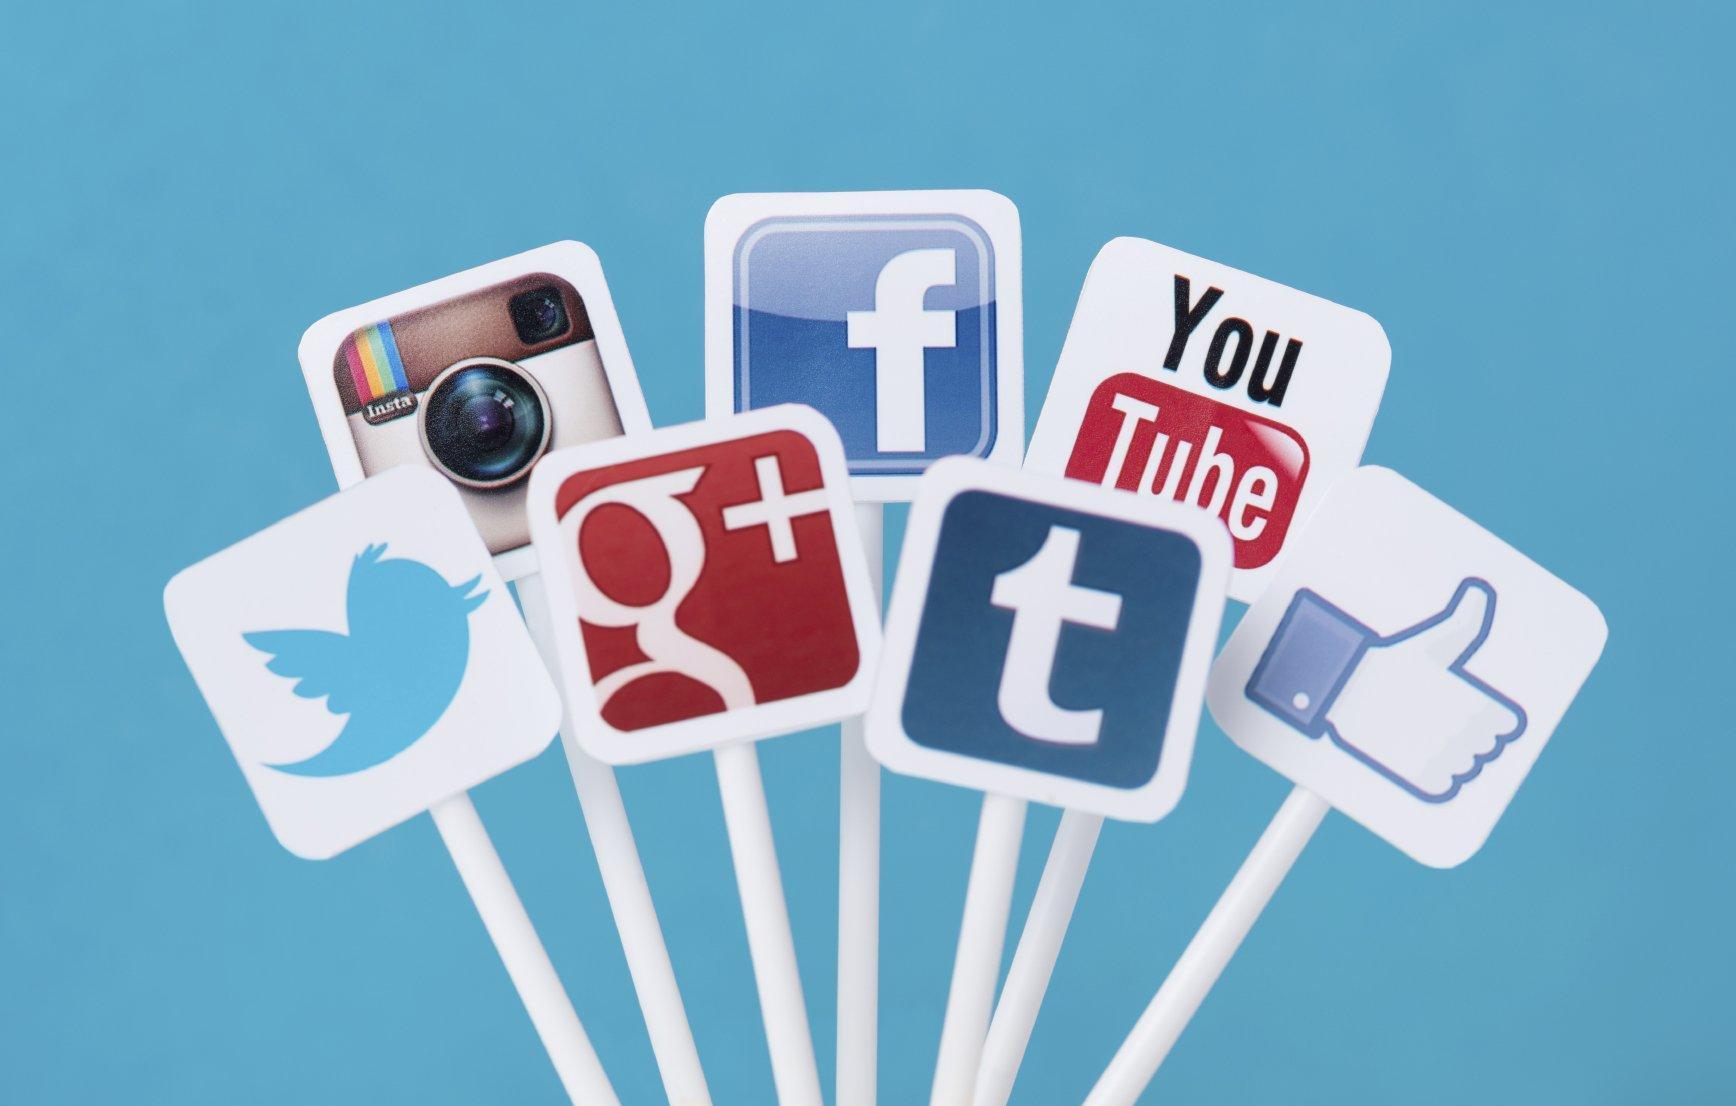 Il potere dei social media: come raggiungere obiettivi altrimenti impossibili. Segui la Free Masterclass on demand